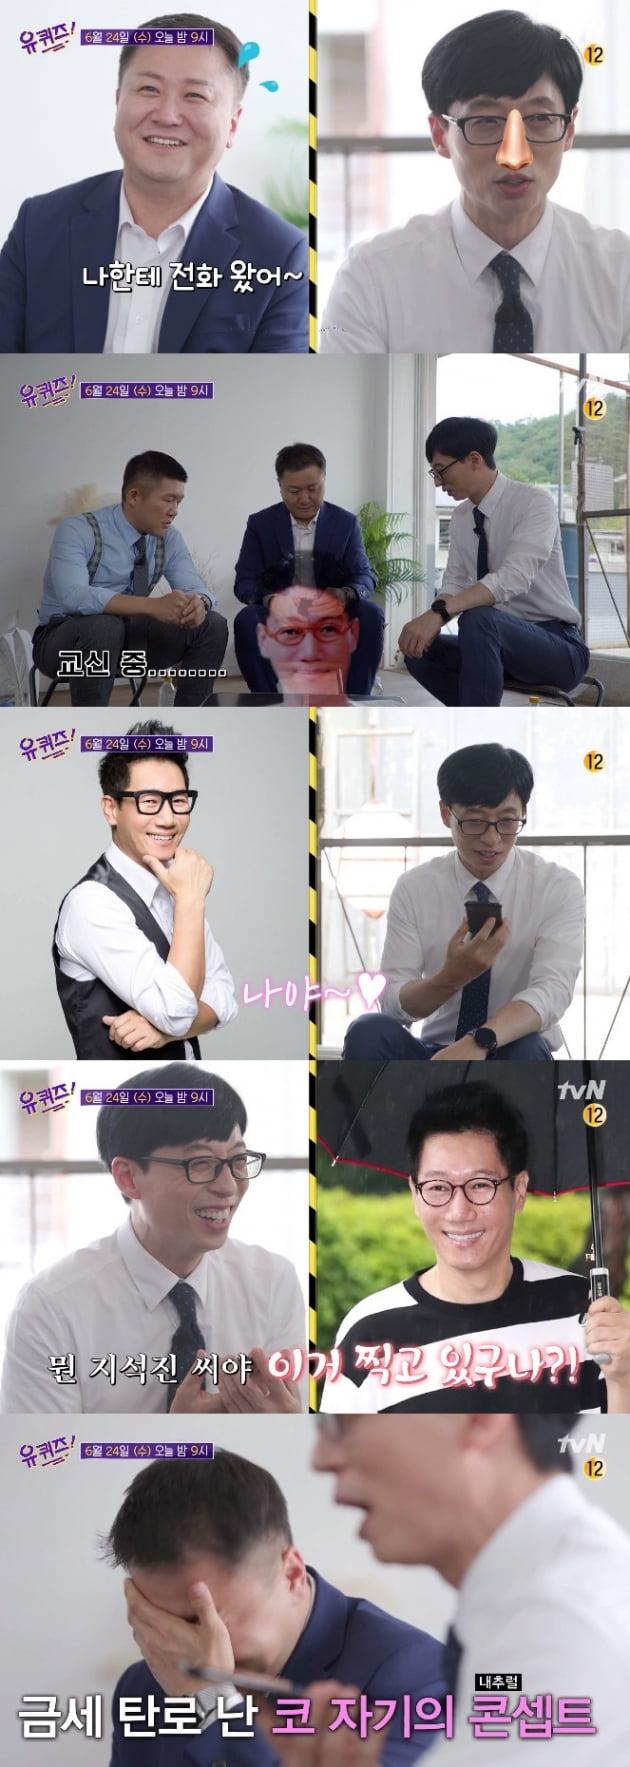 '유퀴즈온더블럭' / 사진 = tvN 영상 캡처